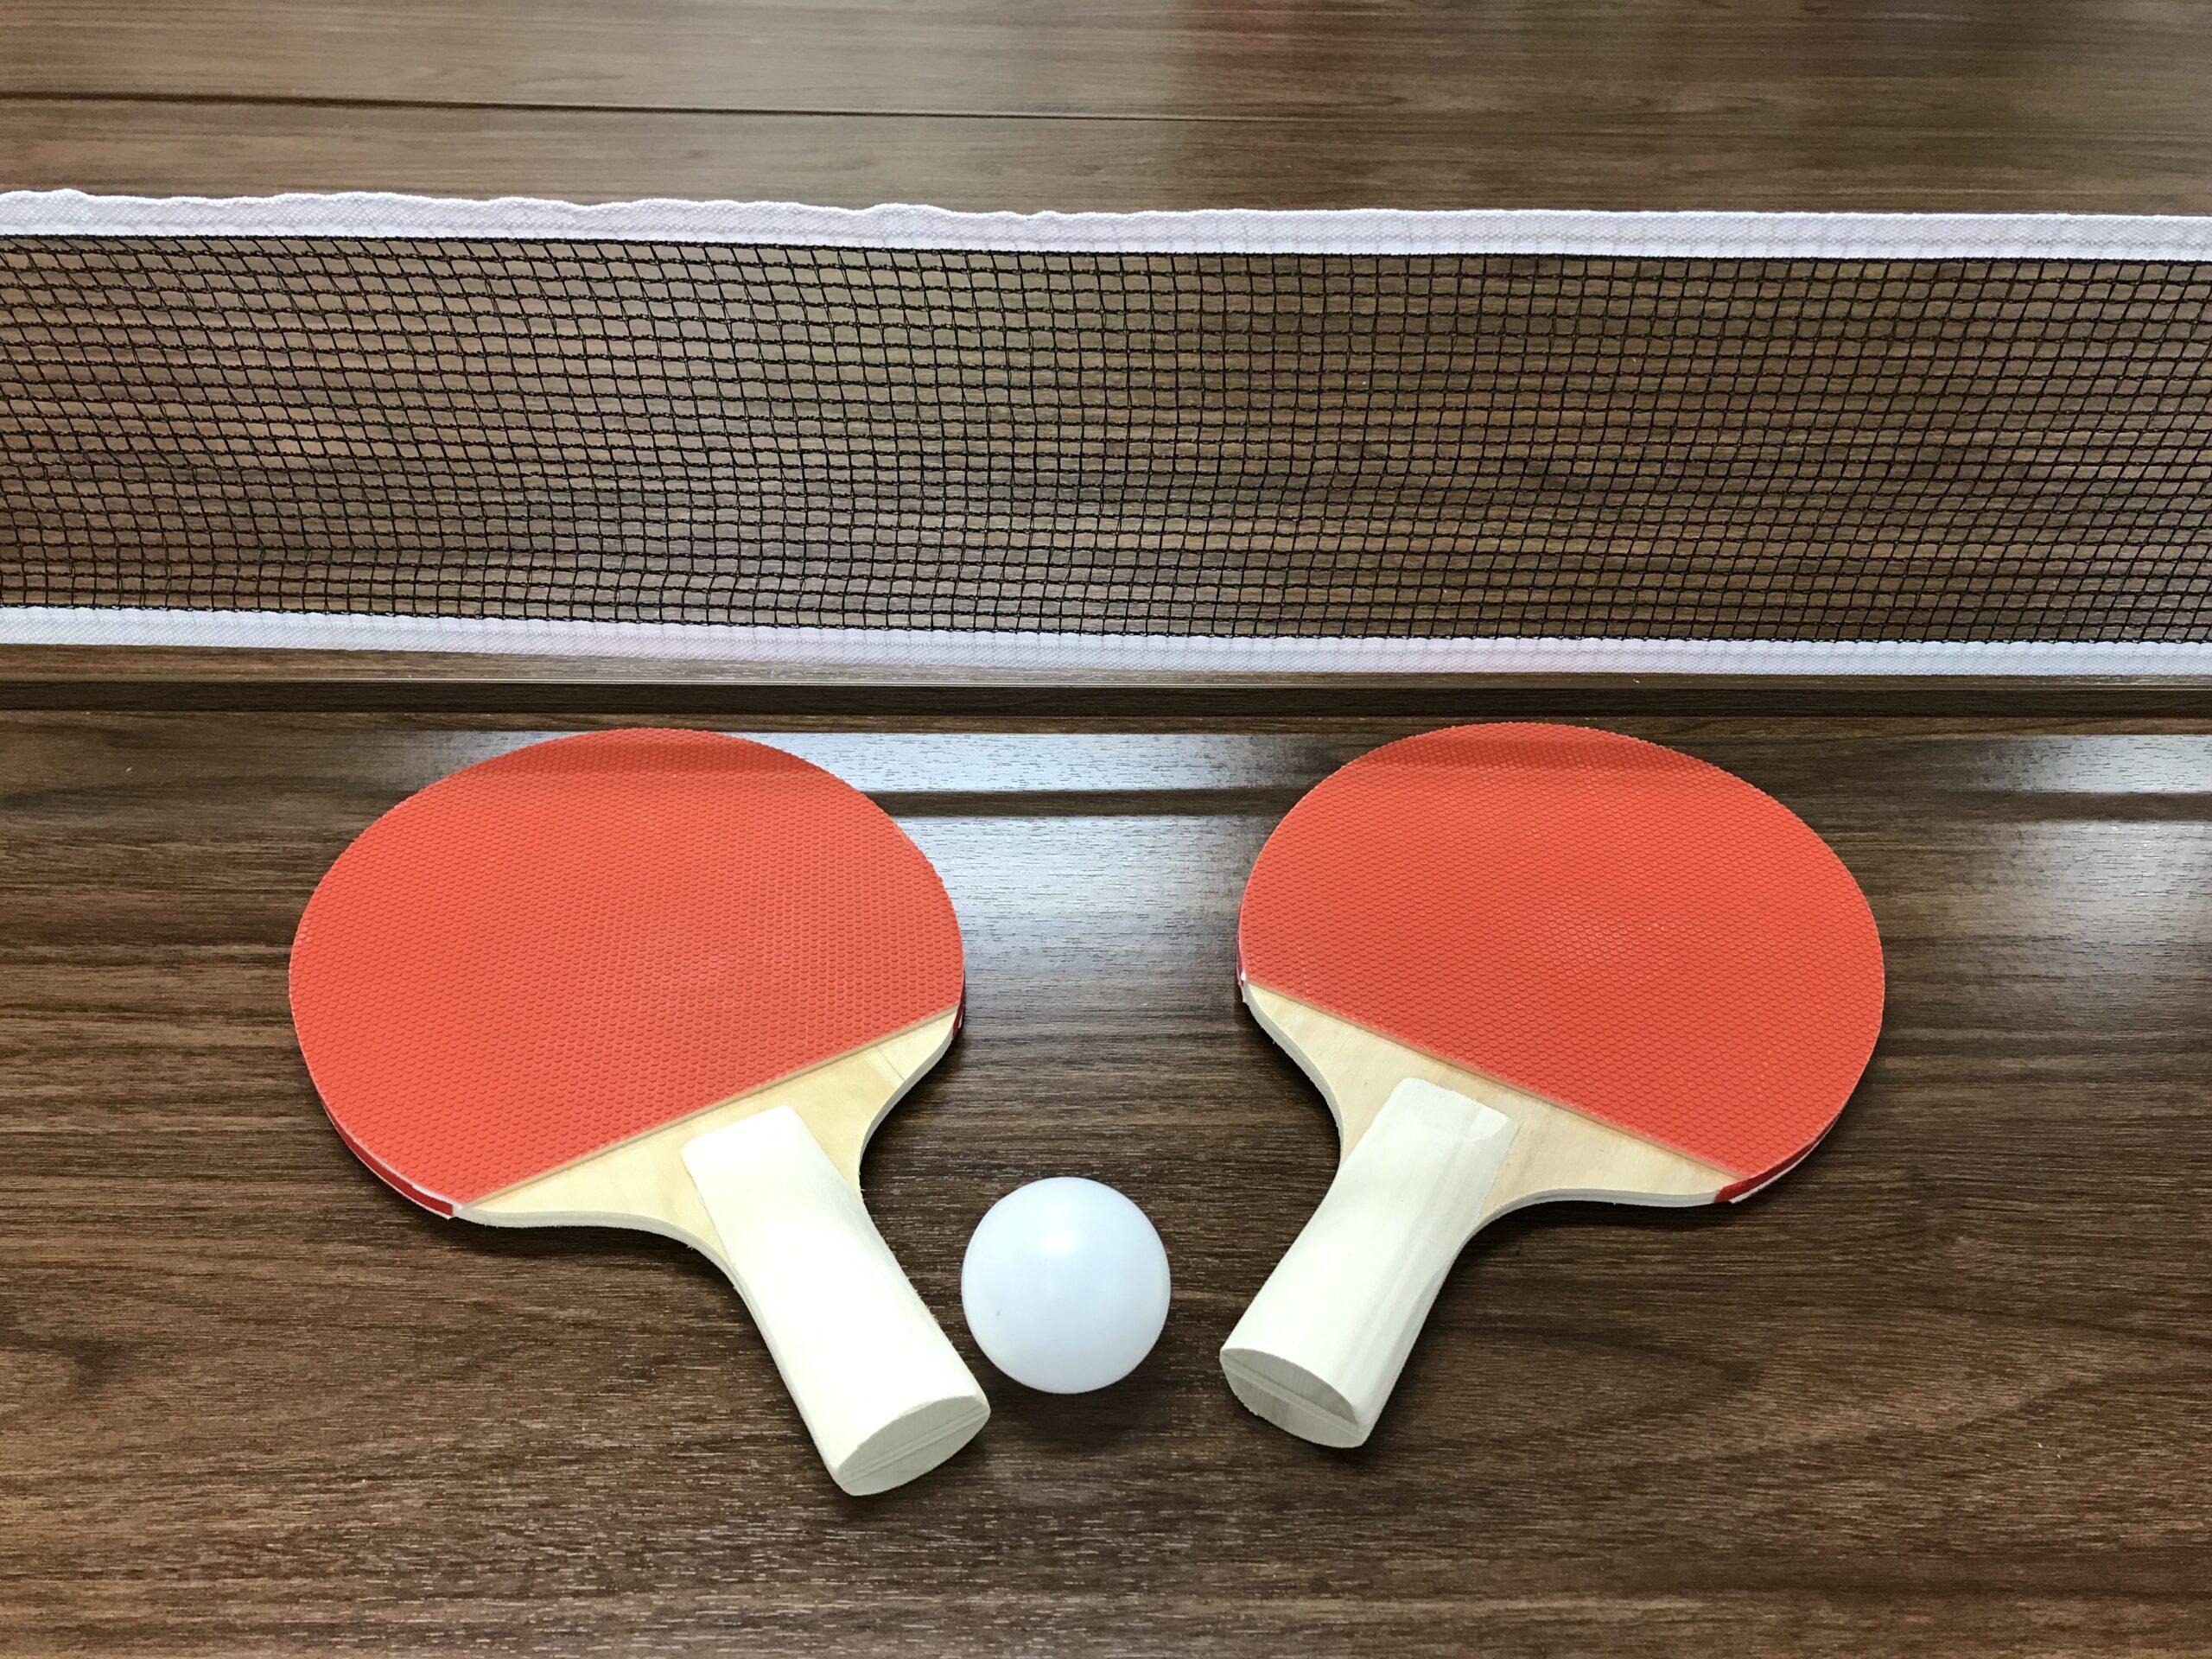 卓球でストレスを発散しました♪